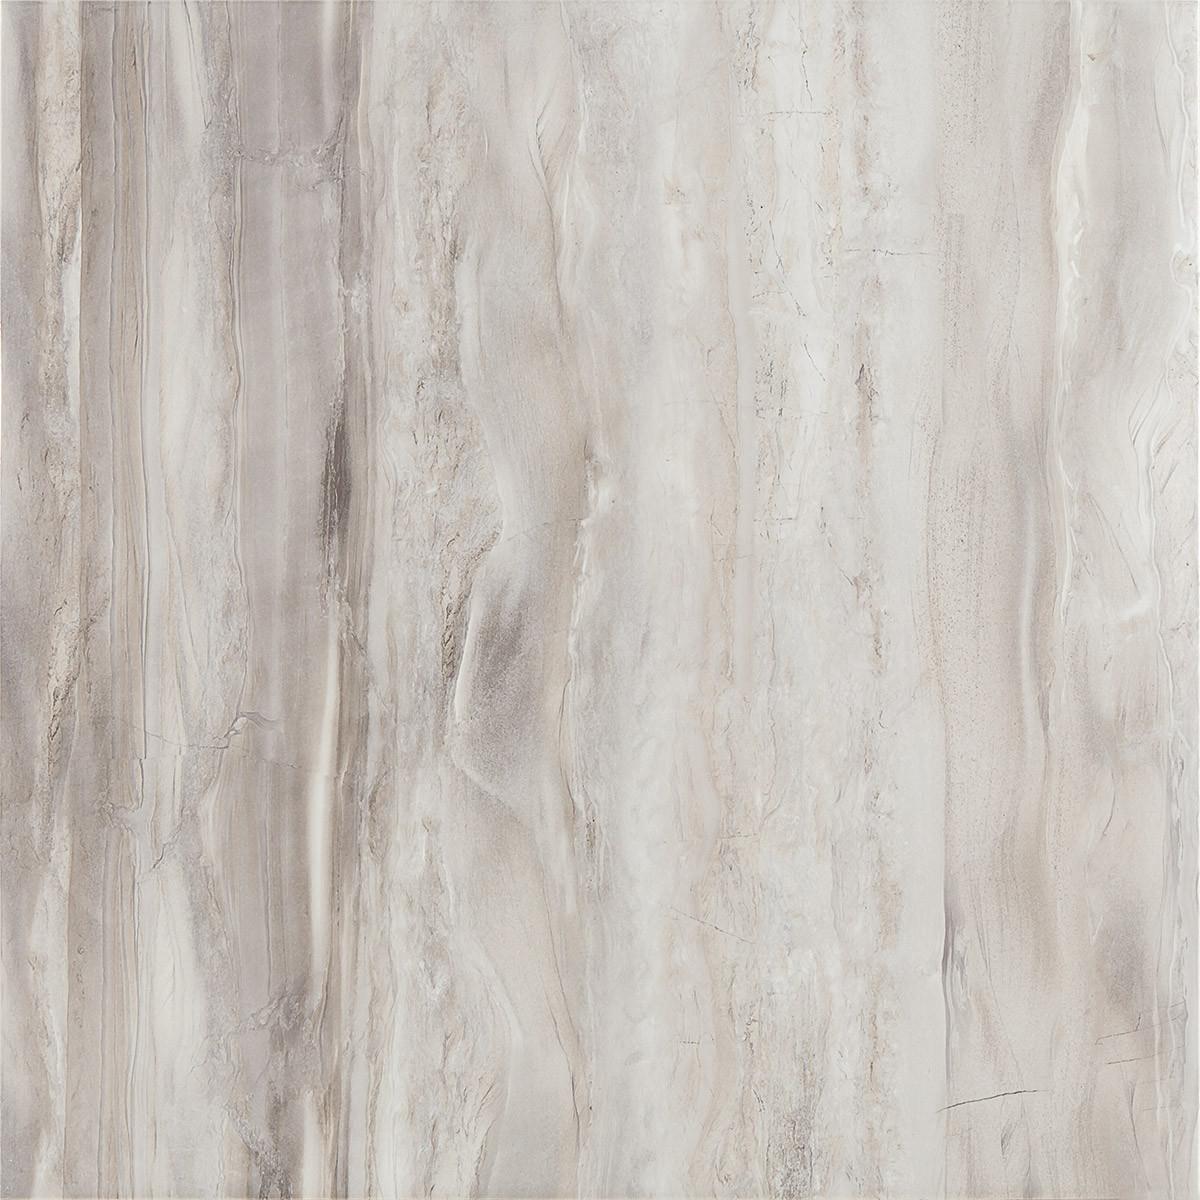 atrium kios gris glazed porcelain floor tile. Black Bedroom Furniture Sets. Home Design Ideas